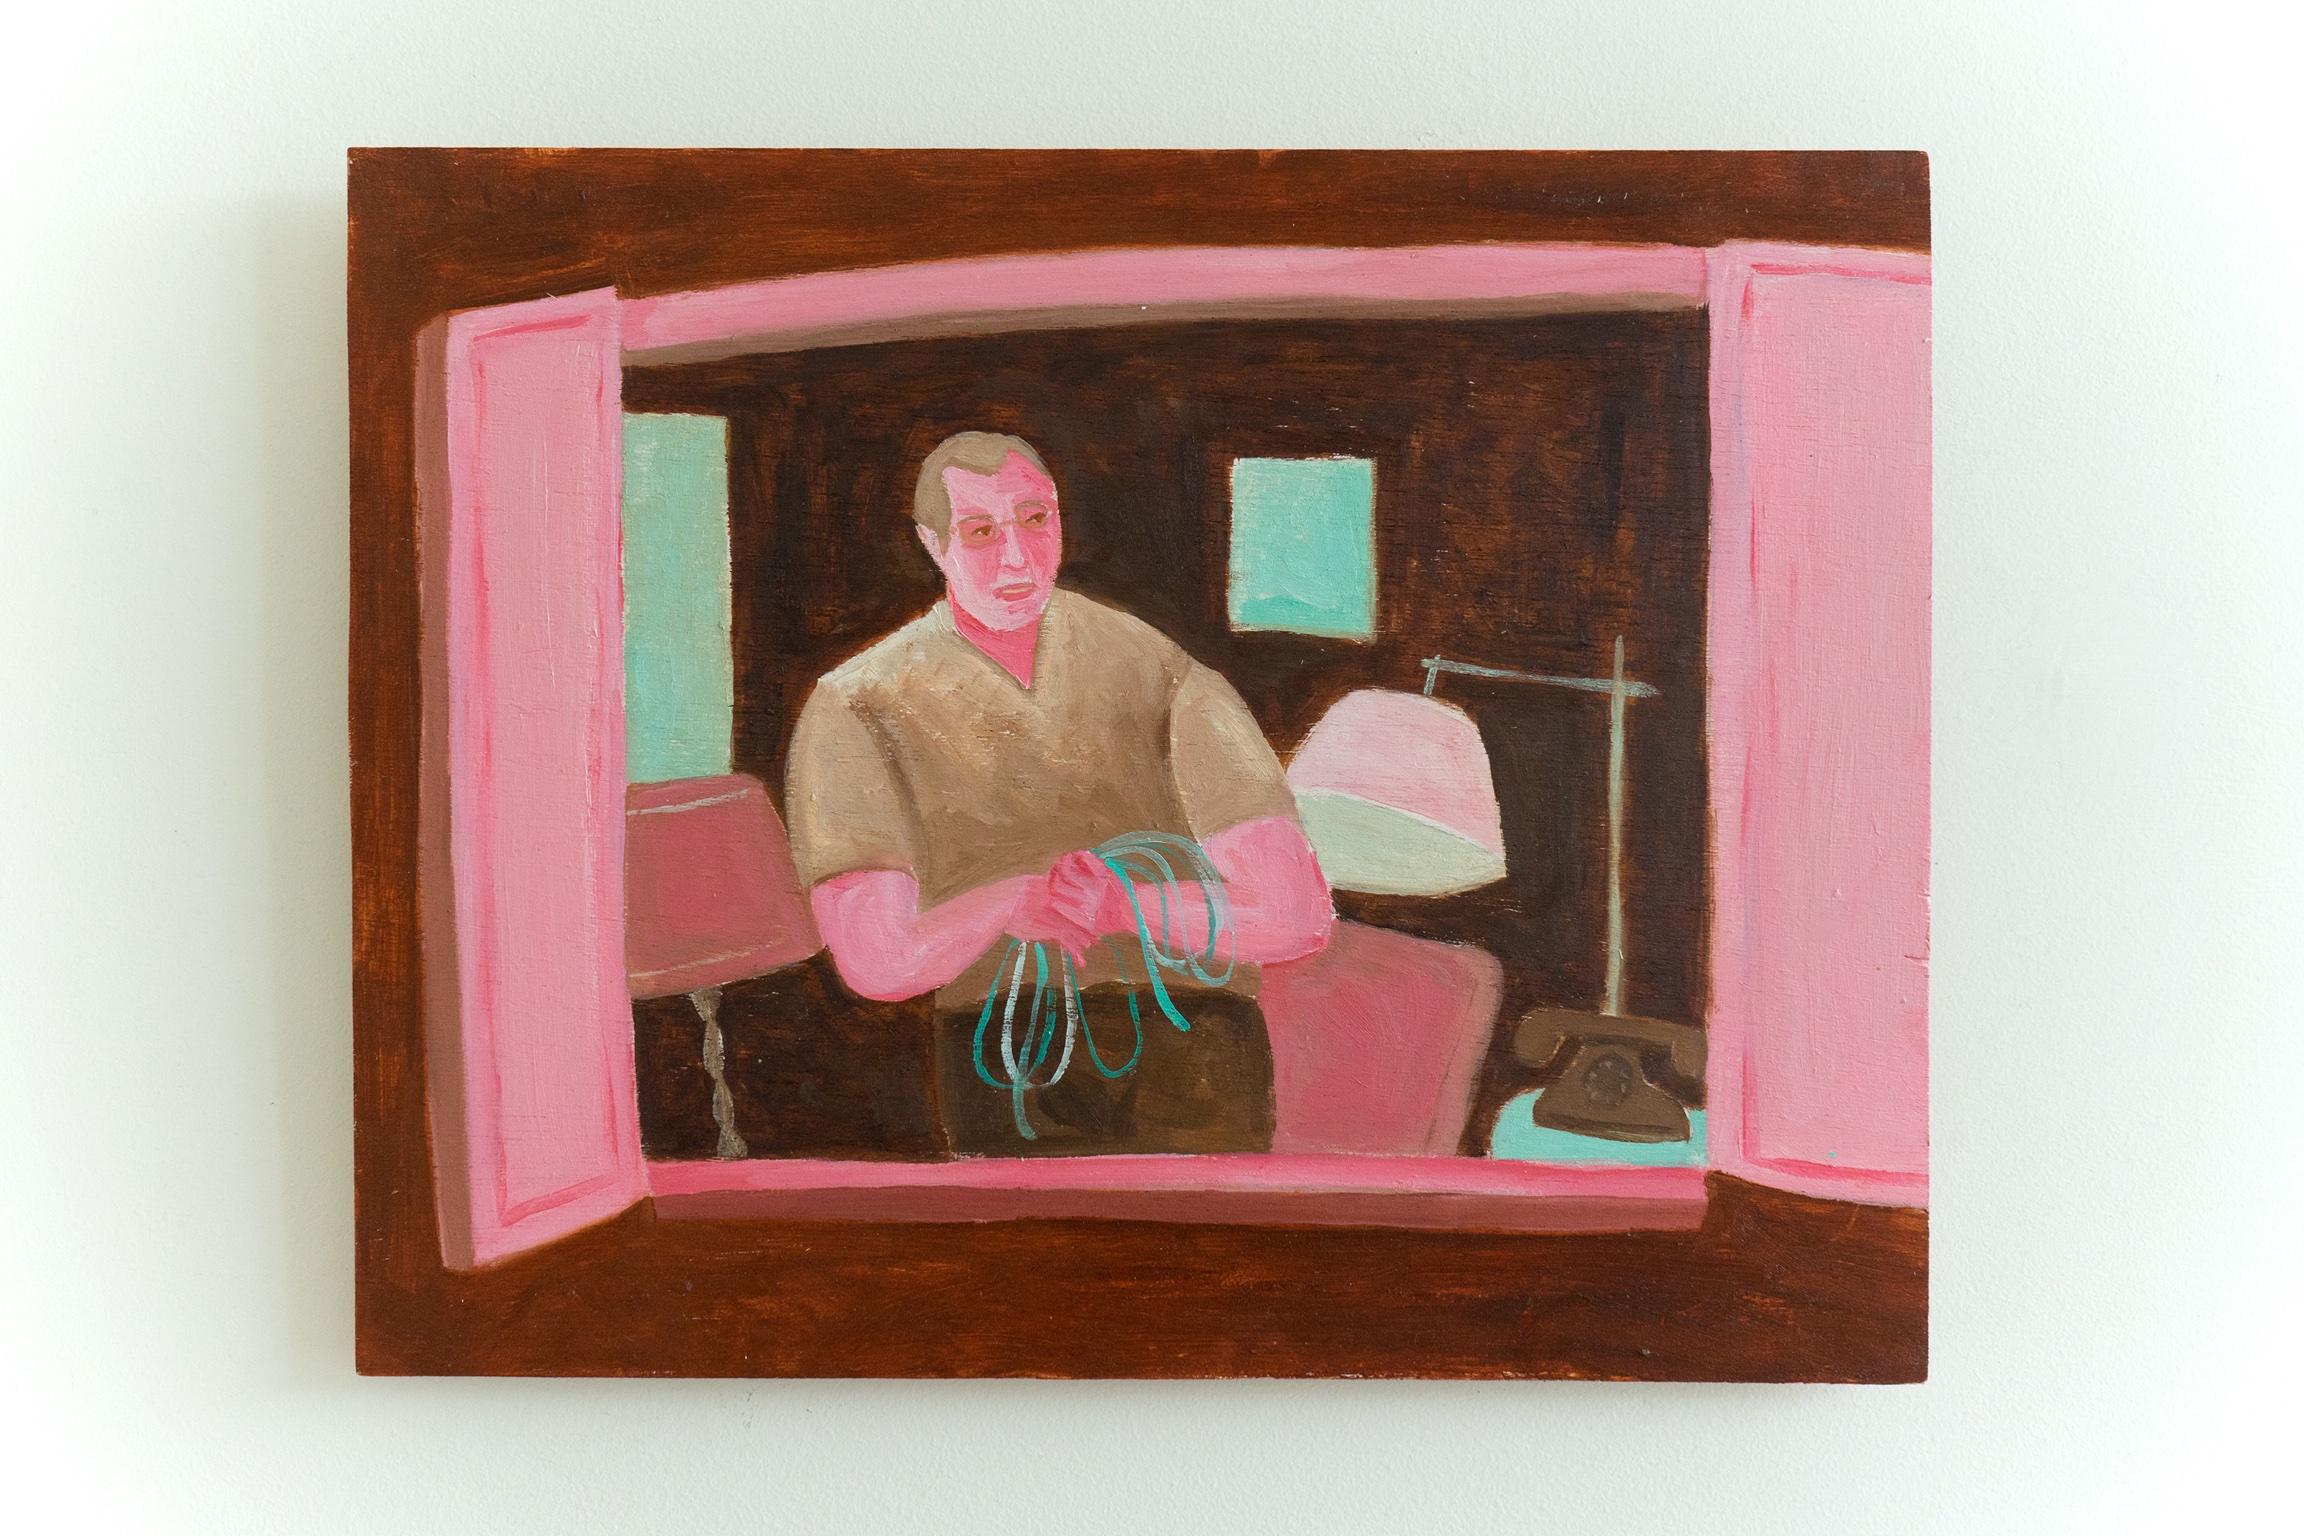 Work by Marjolein Schalk